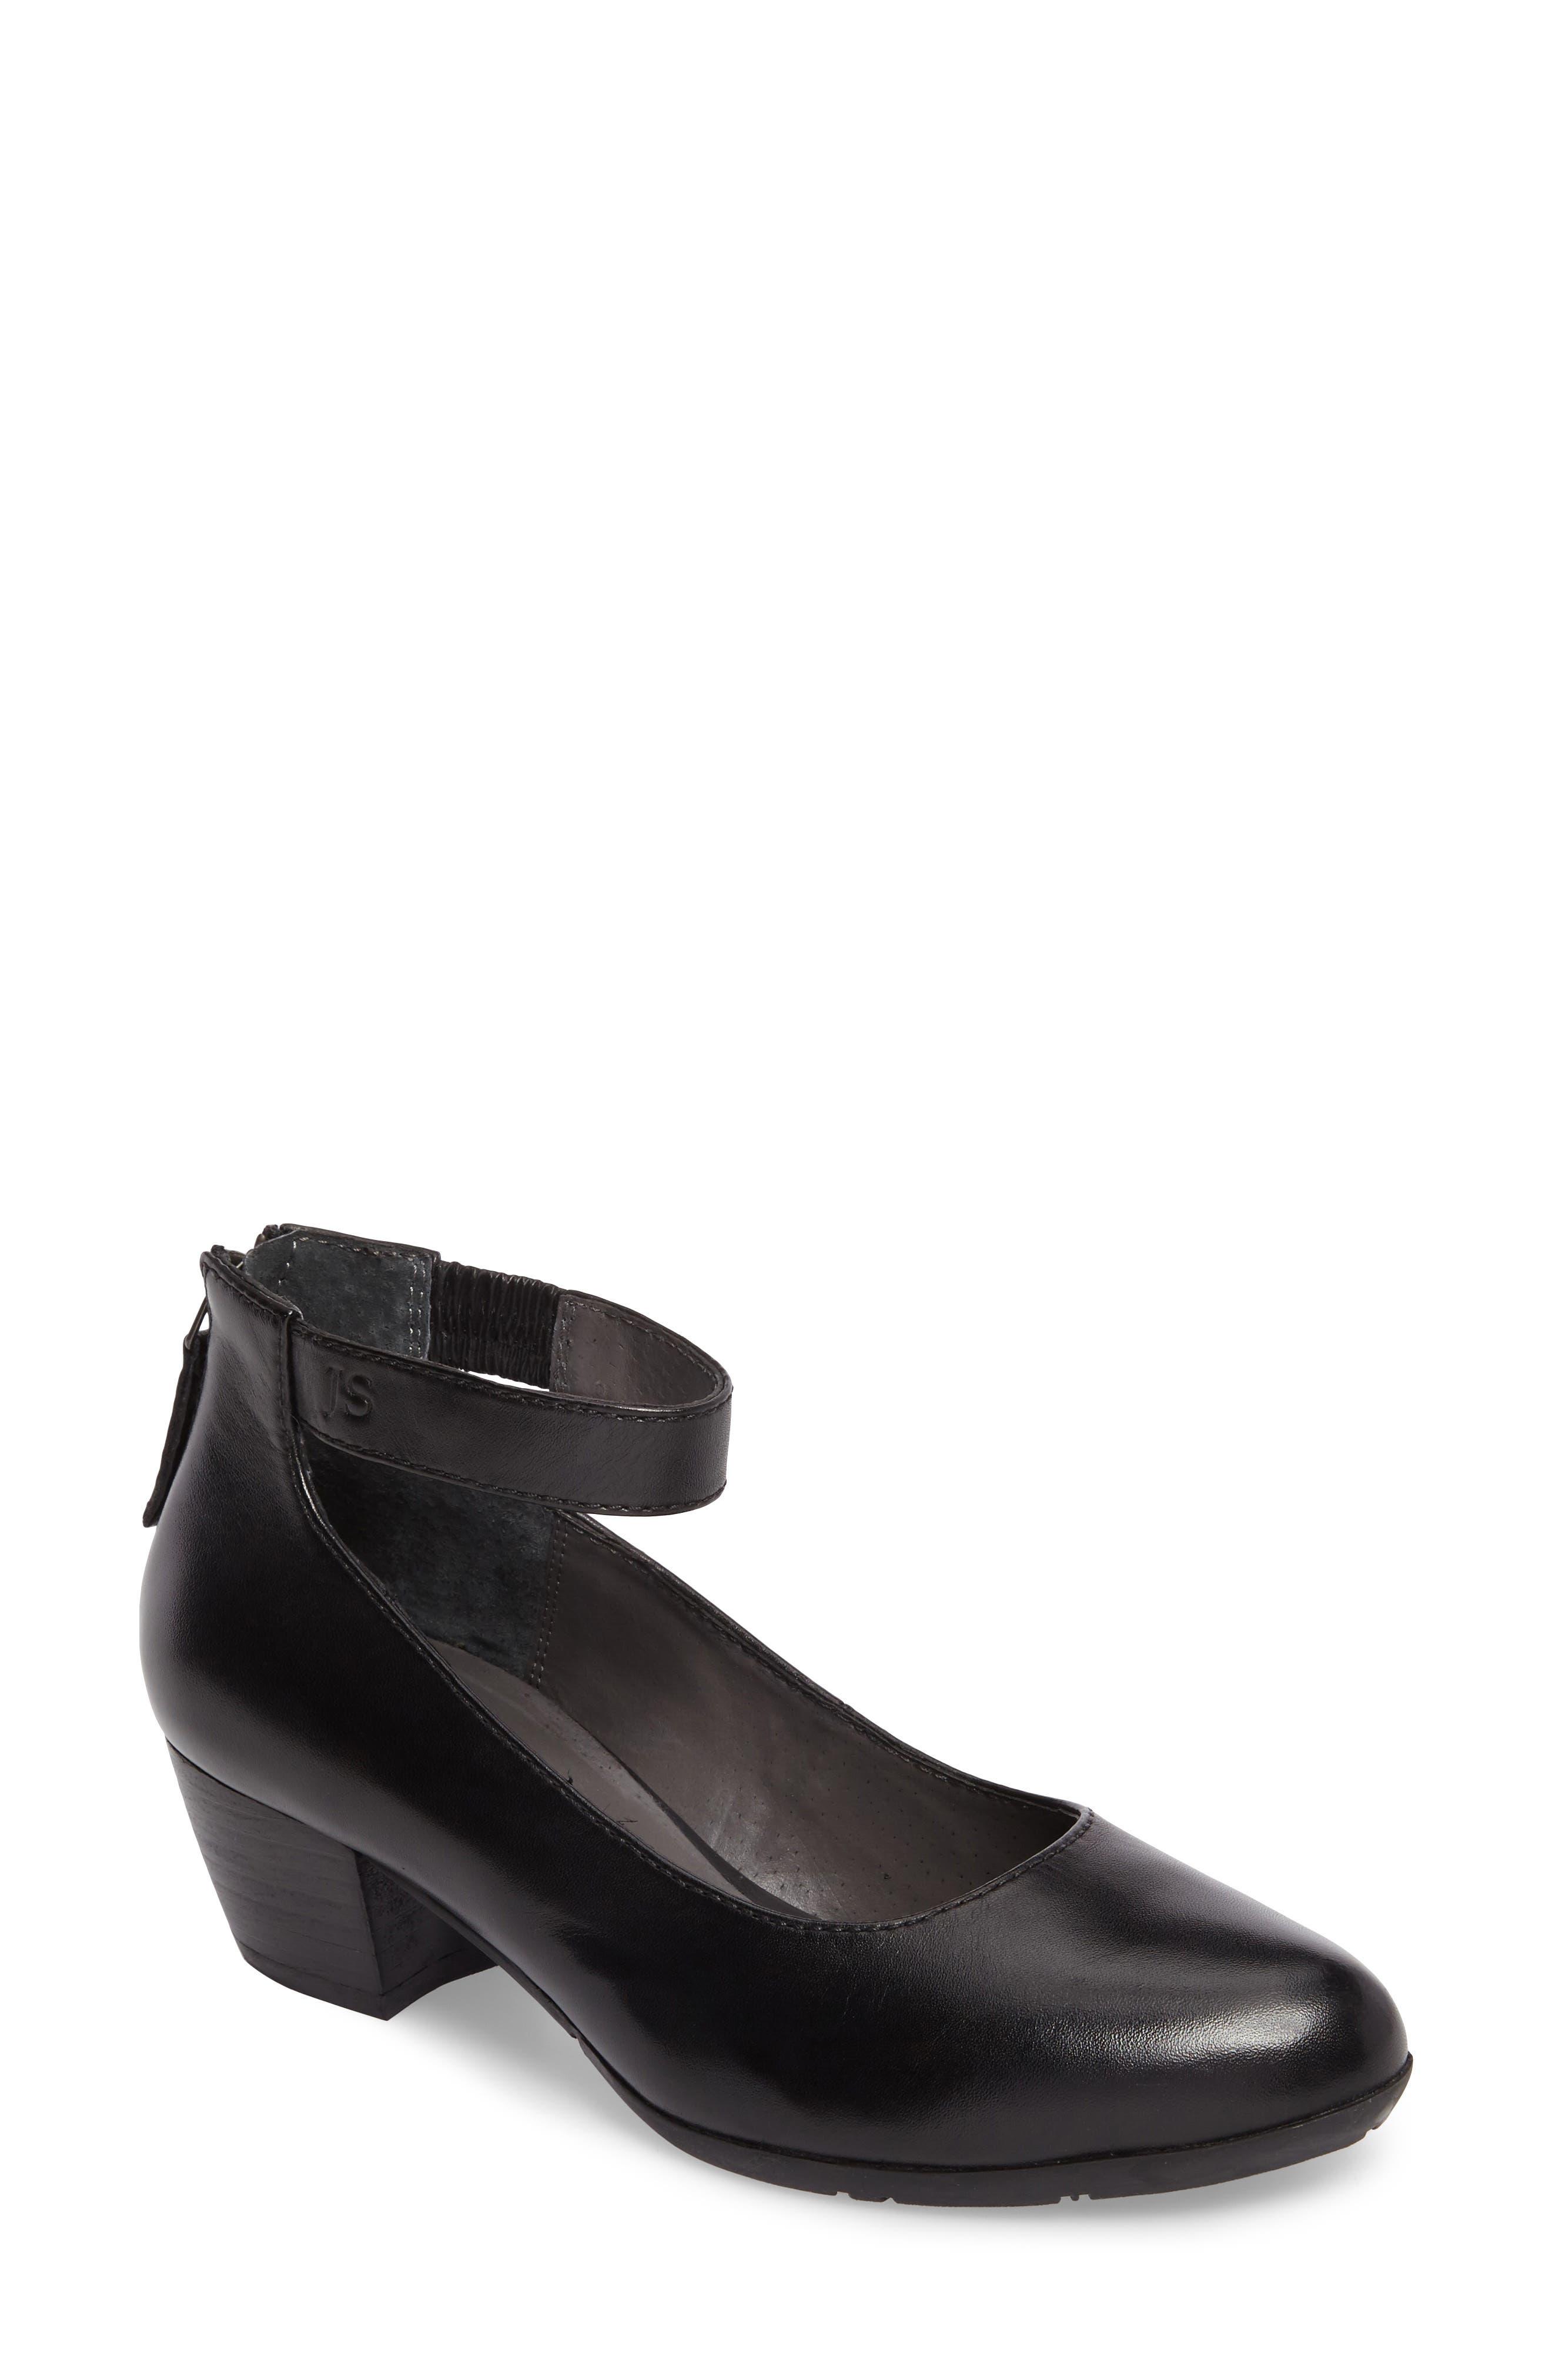 Sue 09 Ankle Strap Pump,                         Main,                         color, Black Leather